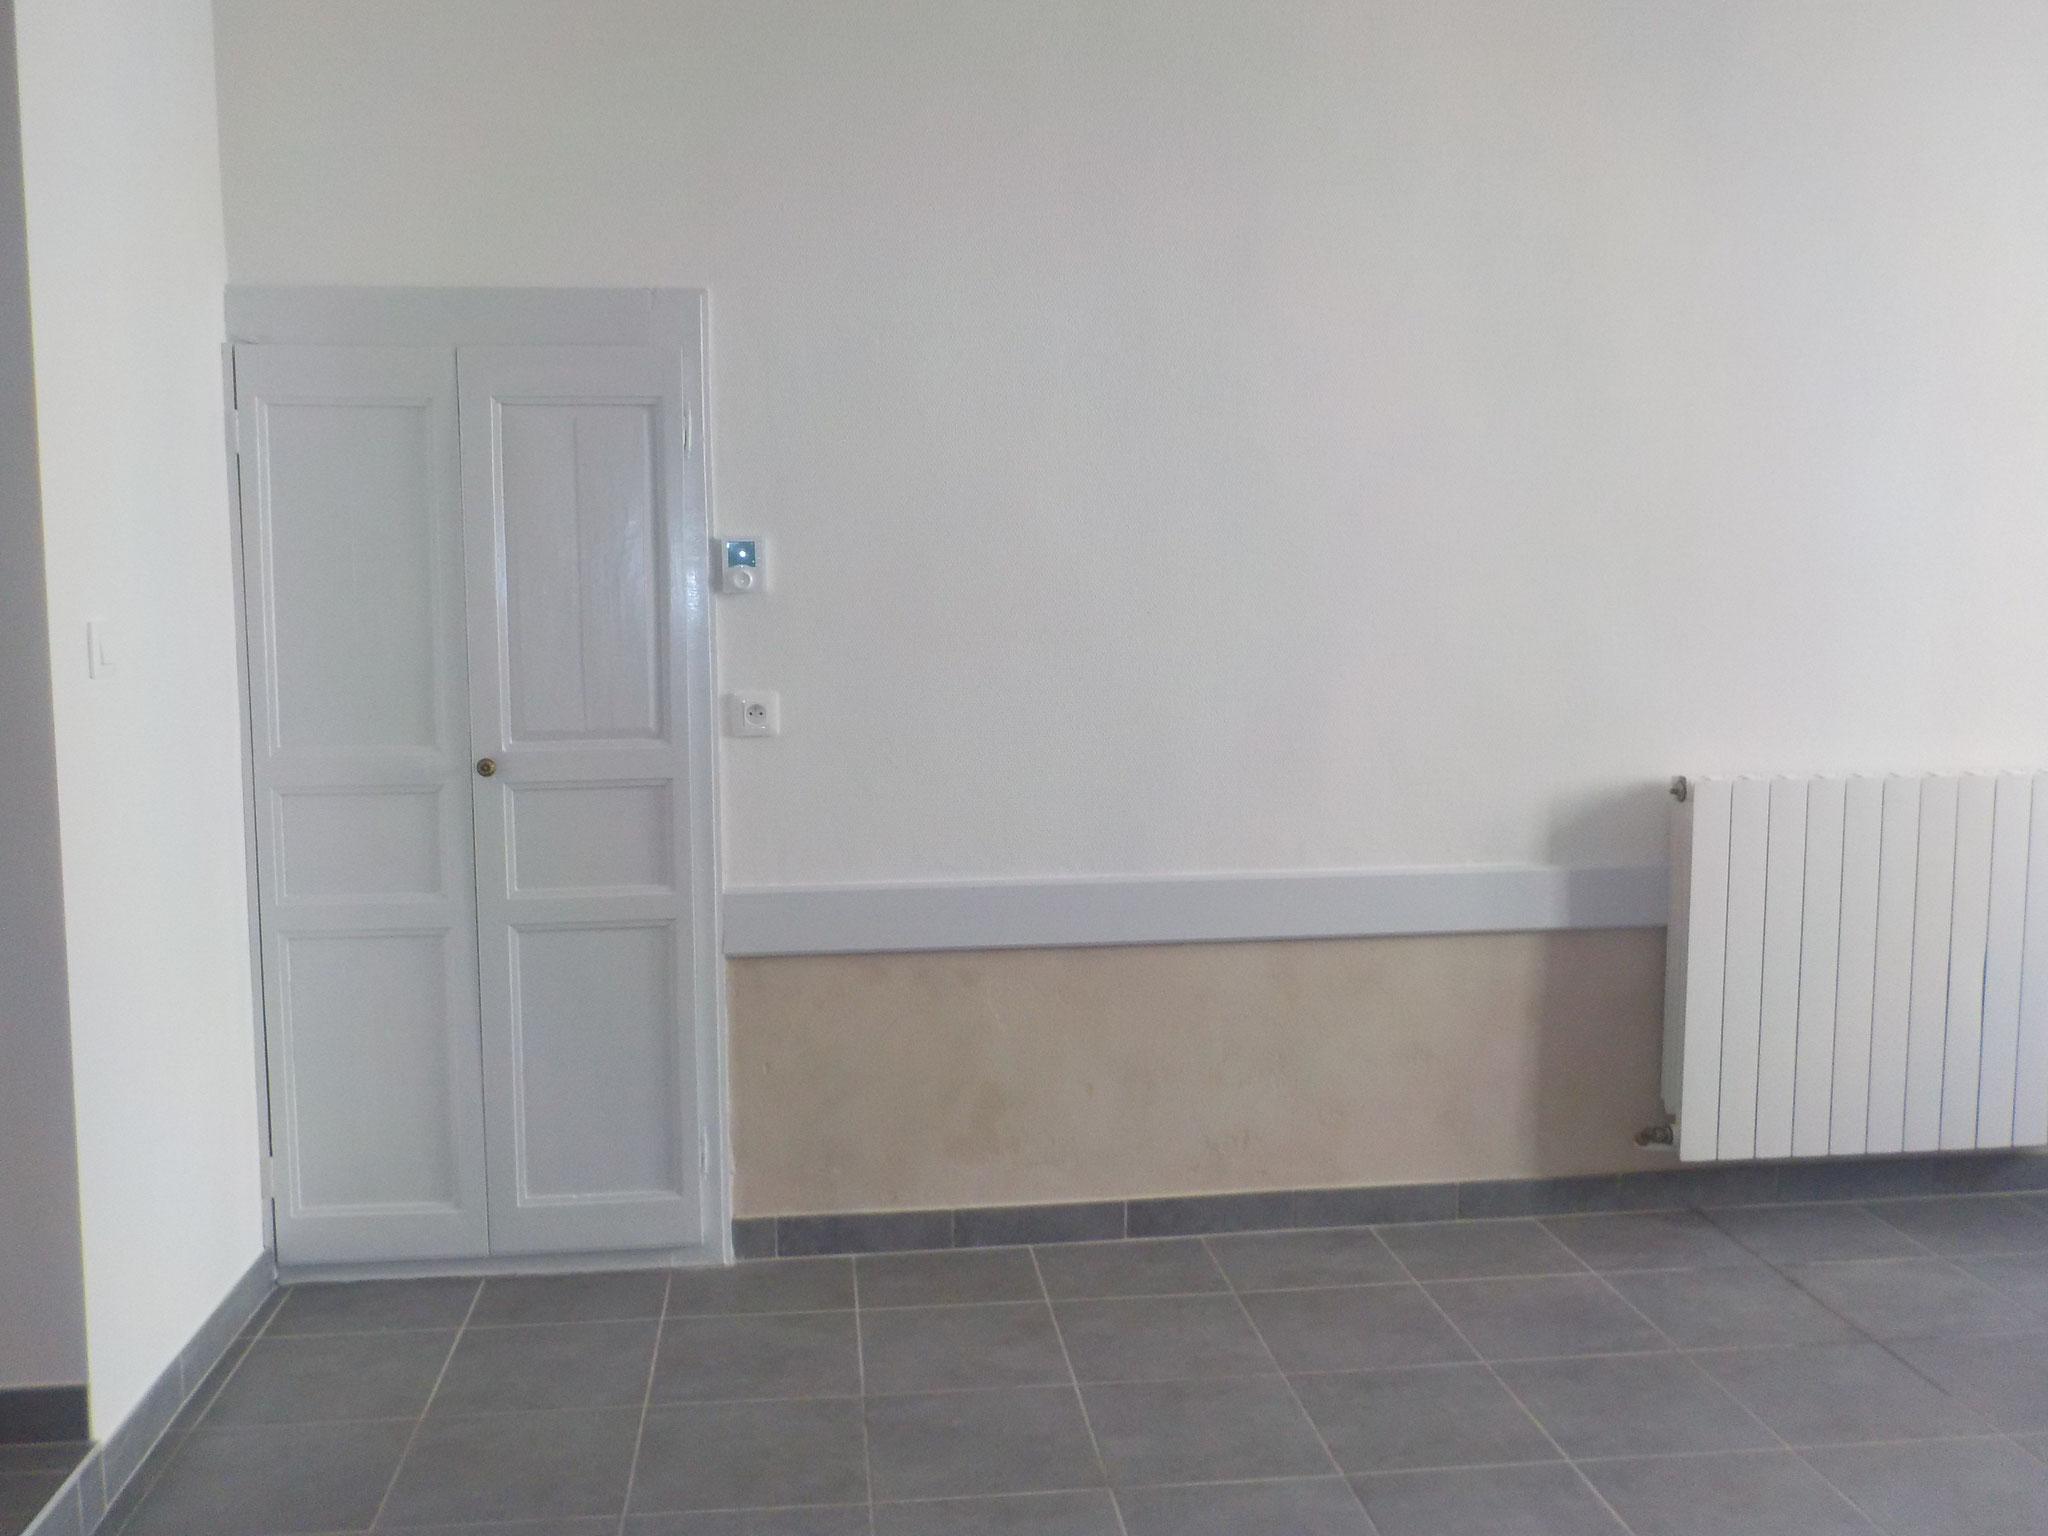 détail du mur de la cuisine